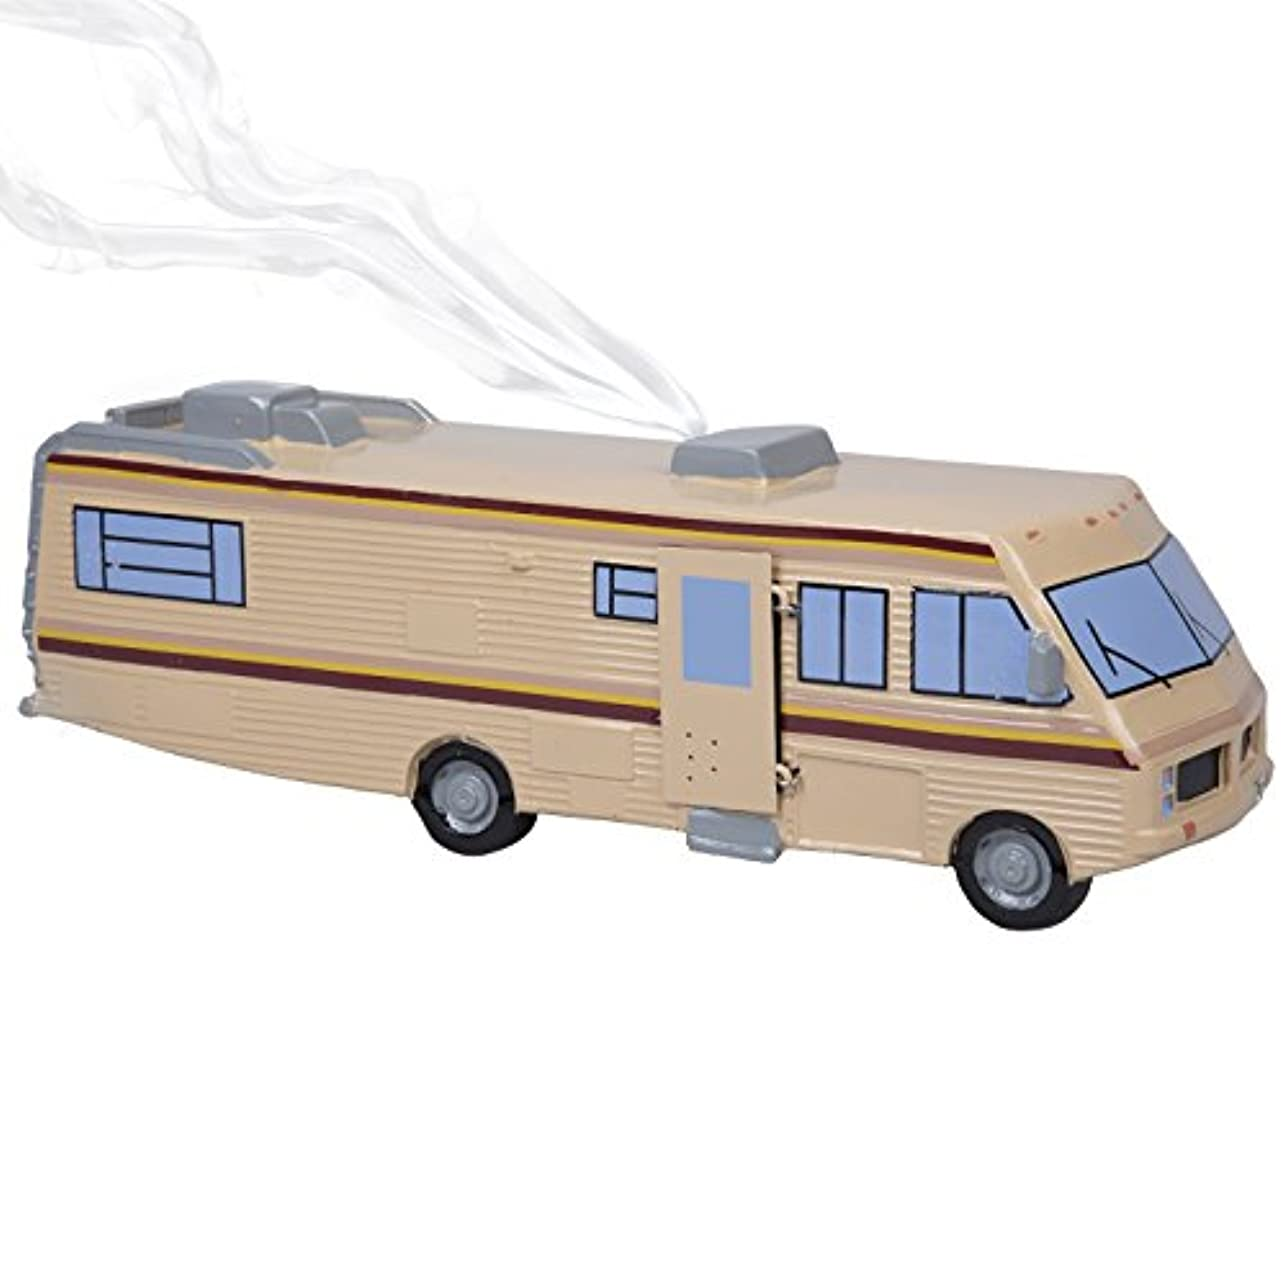 おとうさんオーストラリア人鉄道駅SCS Direct Breaking Bad Incense Burner – 1986 Fleetwood Bounder RVレプリカ – Burn Incense Conesまたはレンガ